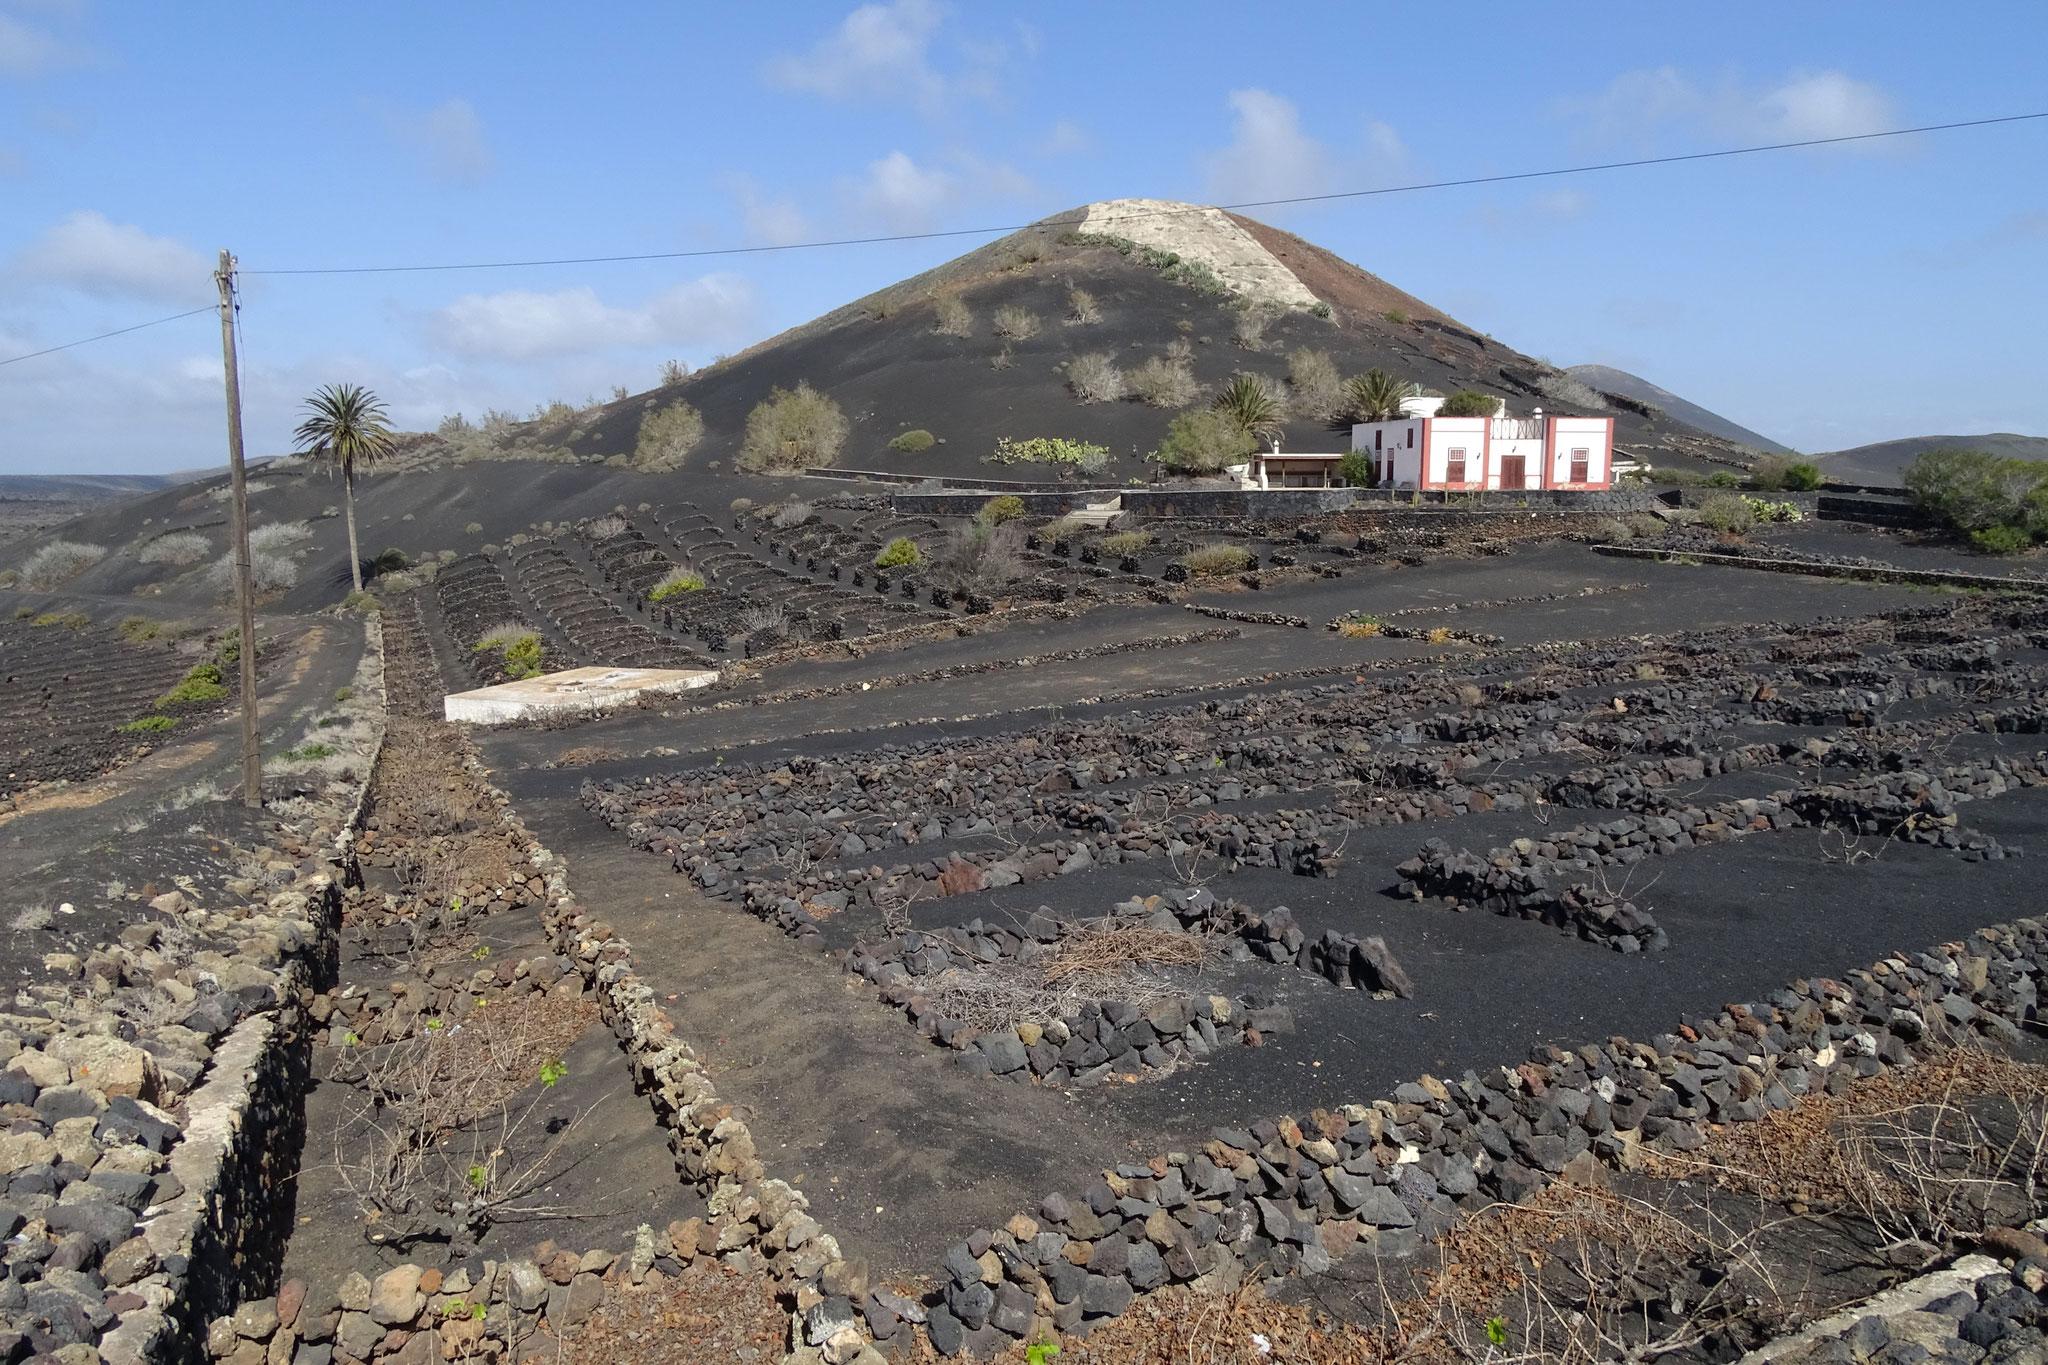 Ansonsten wollen wir einfach mal einen Eindruck dieser von Fuerteventura so unterschiedlichen Insel erhalten